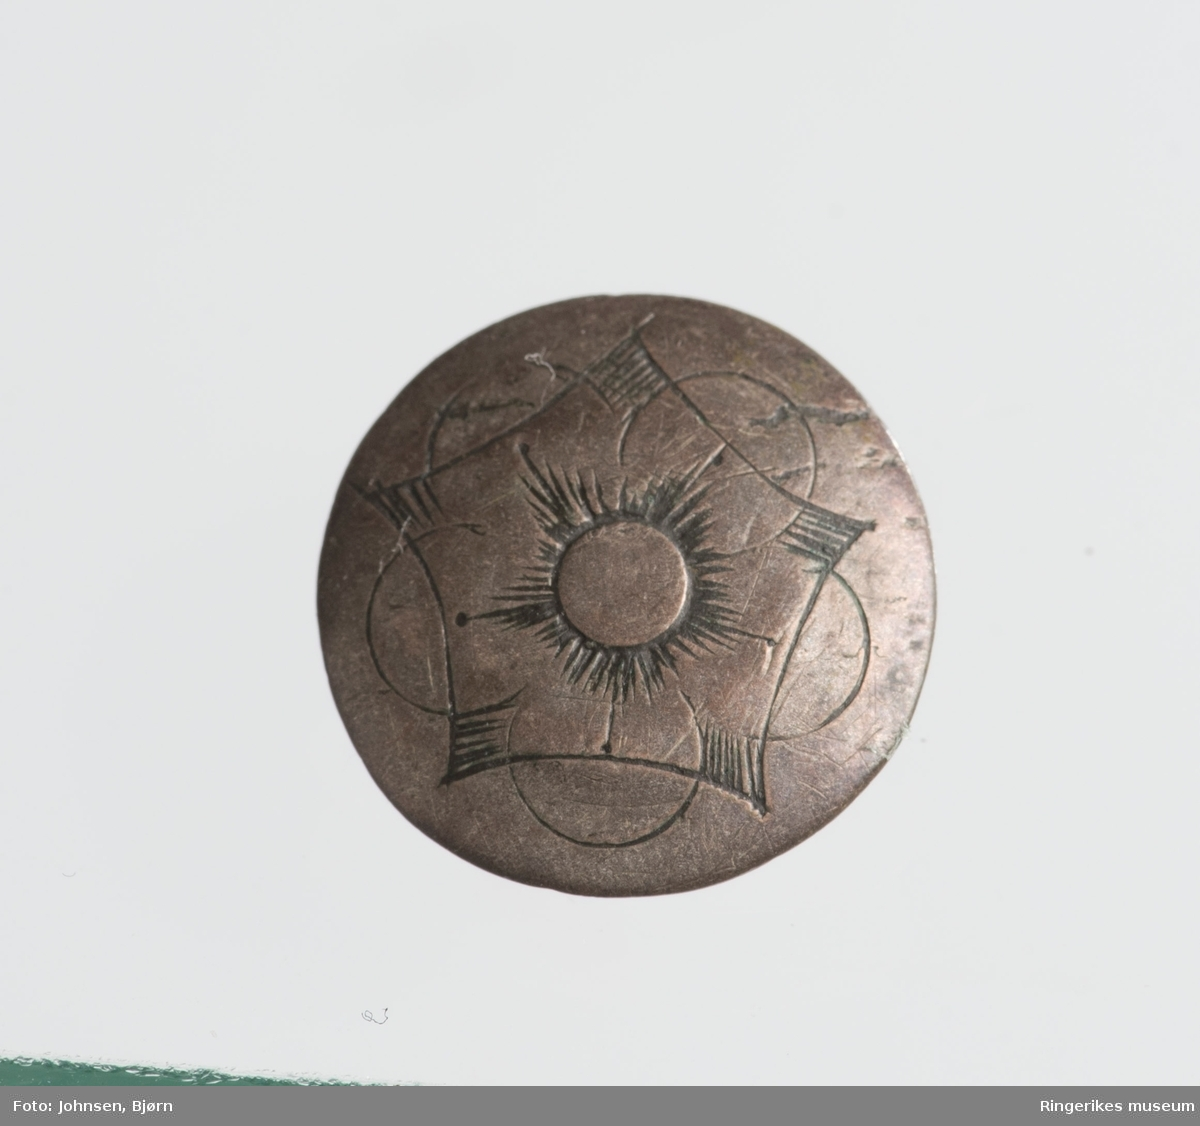 B: blomst med 7 kronblad, sirkel og bølget bord ytterst (C-er)  C: A i en sirkel, bølget bord ytterst, stiliserte blad. D: blomst med 6 kronblad , over lagt et sekskantet rektangel. E: Samme motiv som D, men mindre format og fem kronblad.